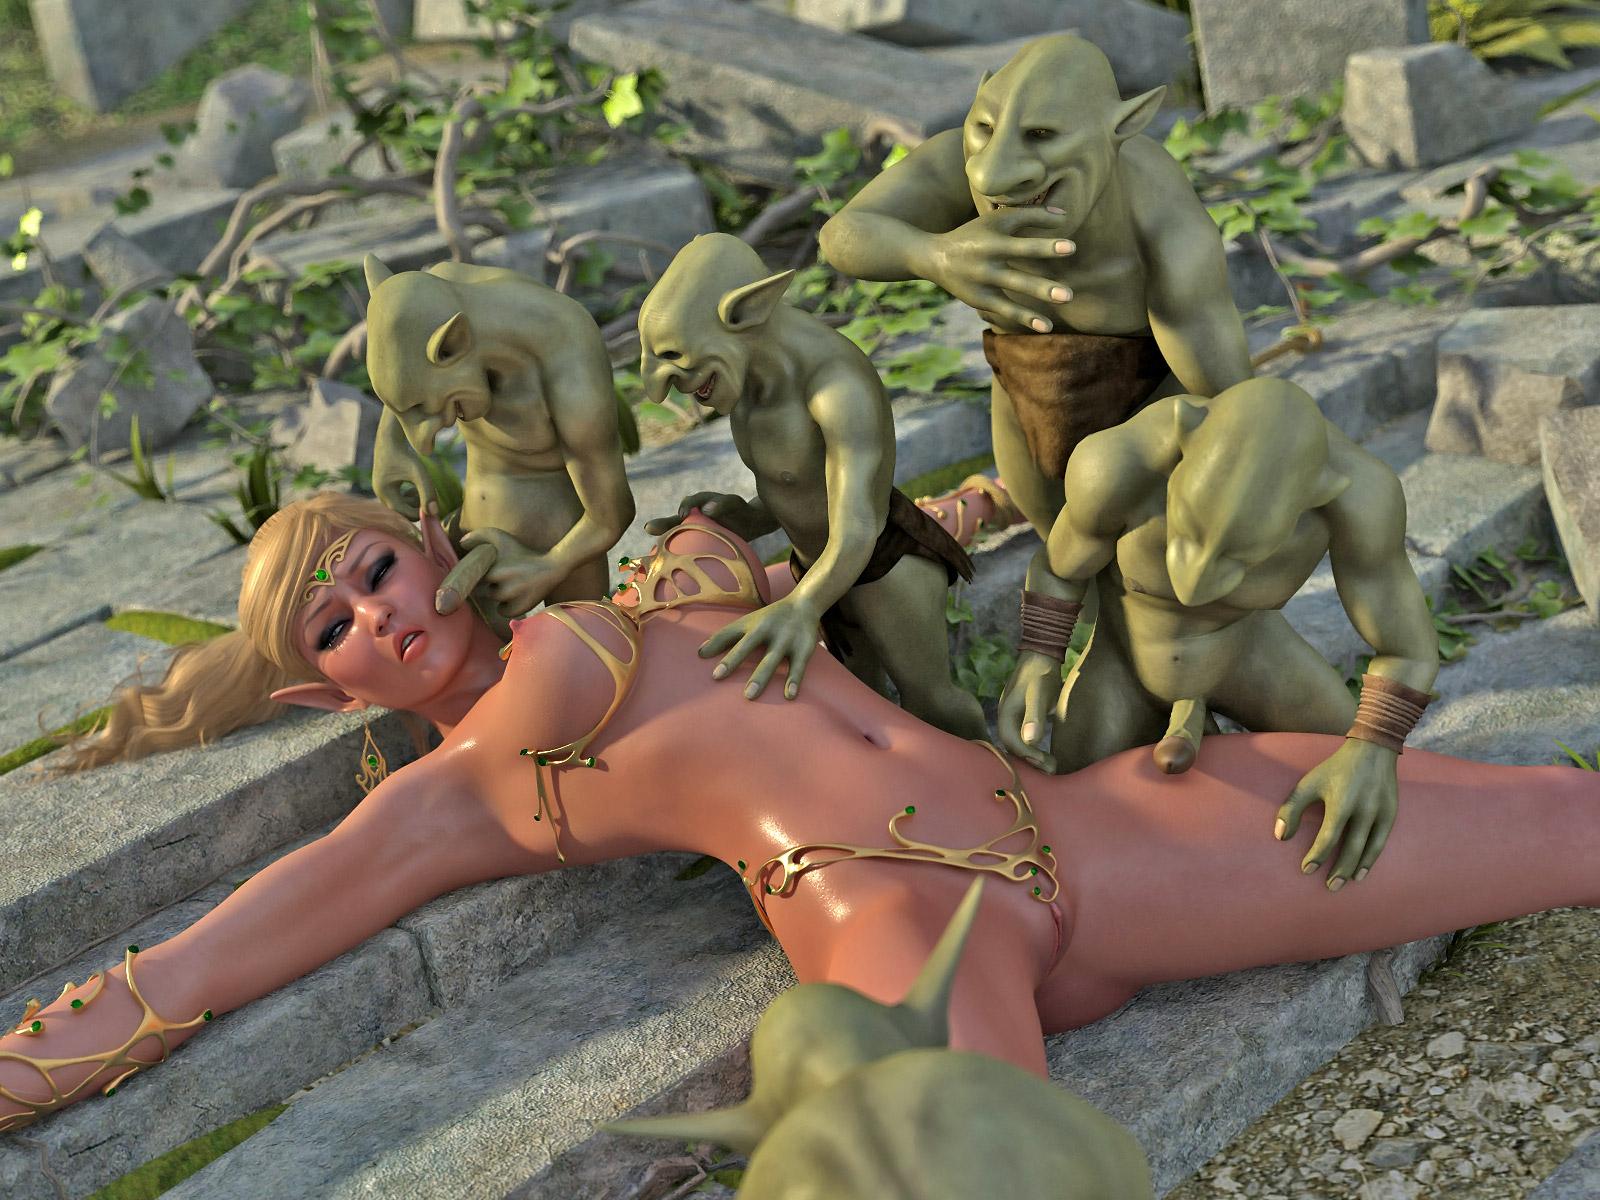 Extreme 3d monster porn xxx films